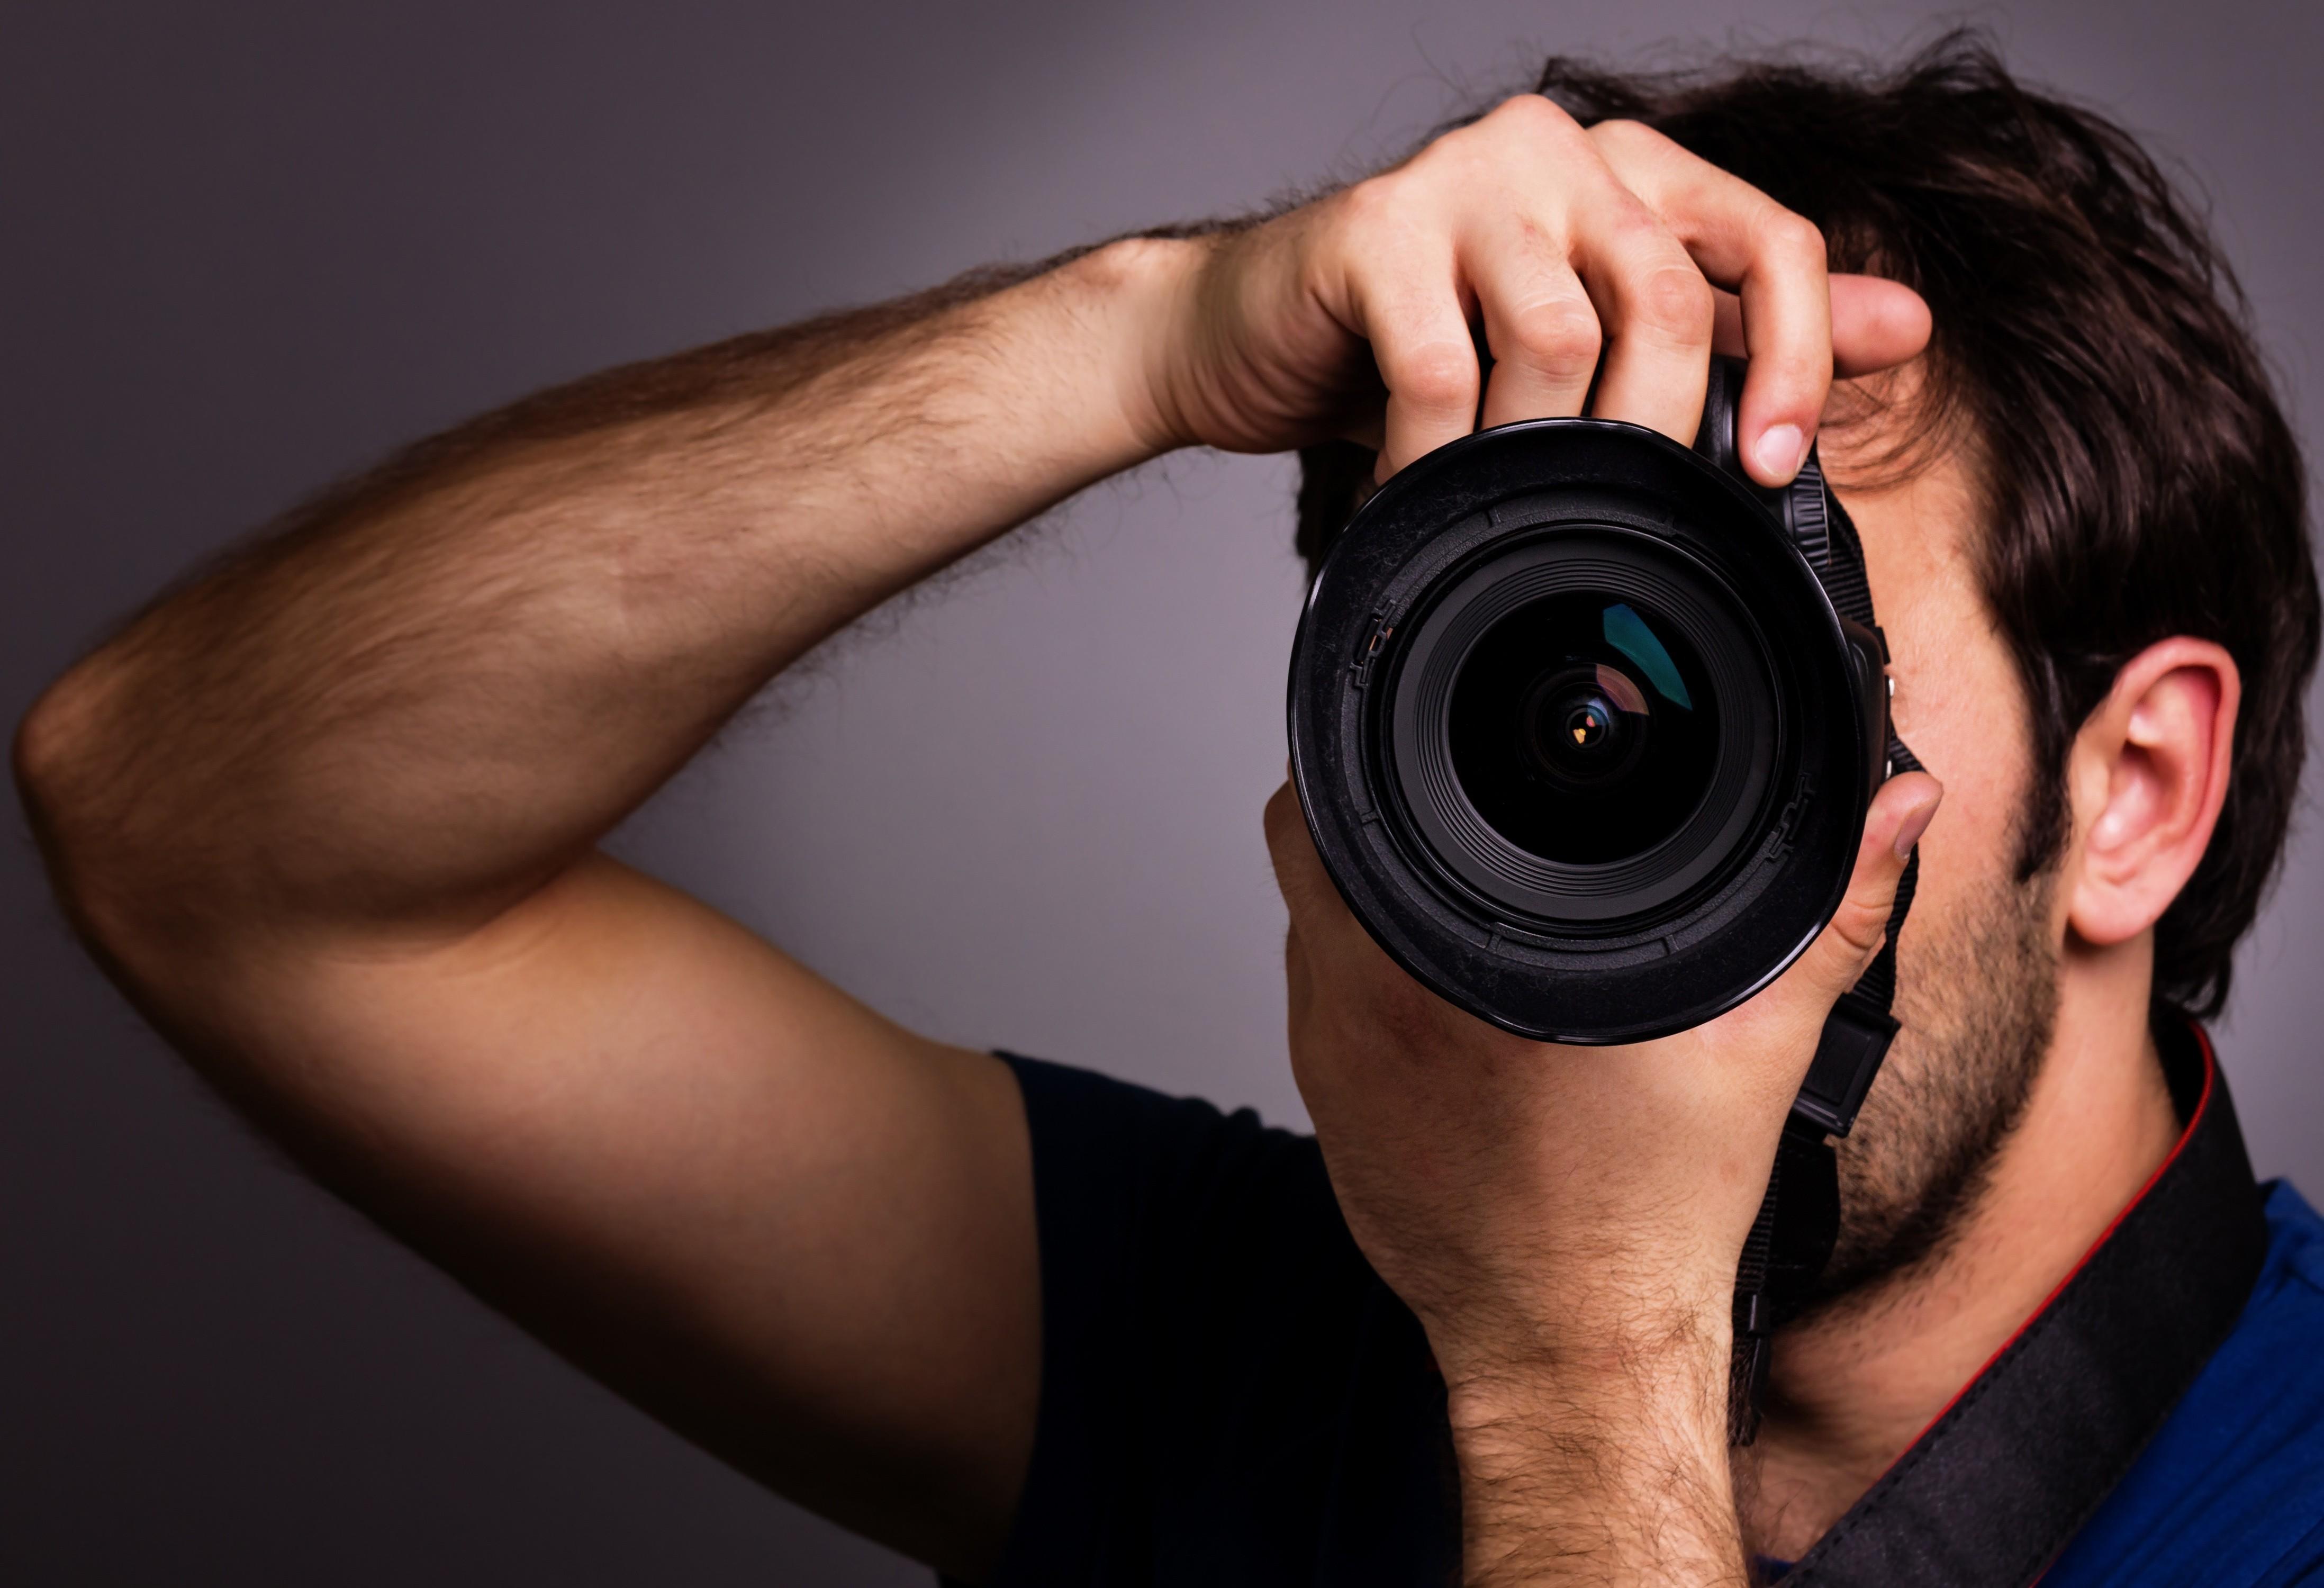 4391x3000 paren tehnika fotoapparat fotograf